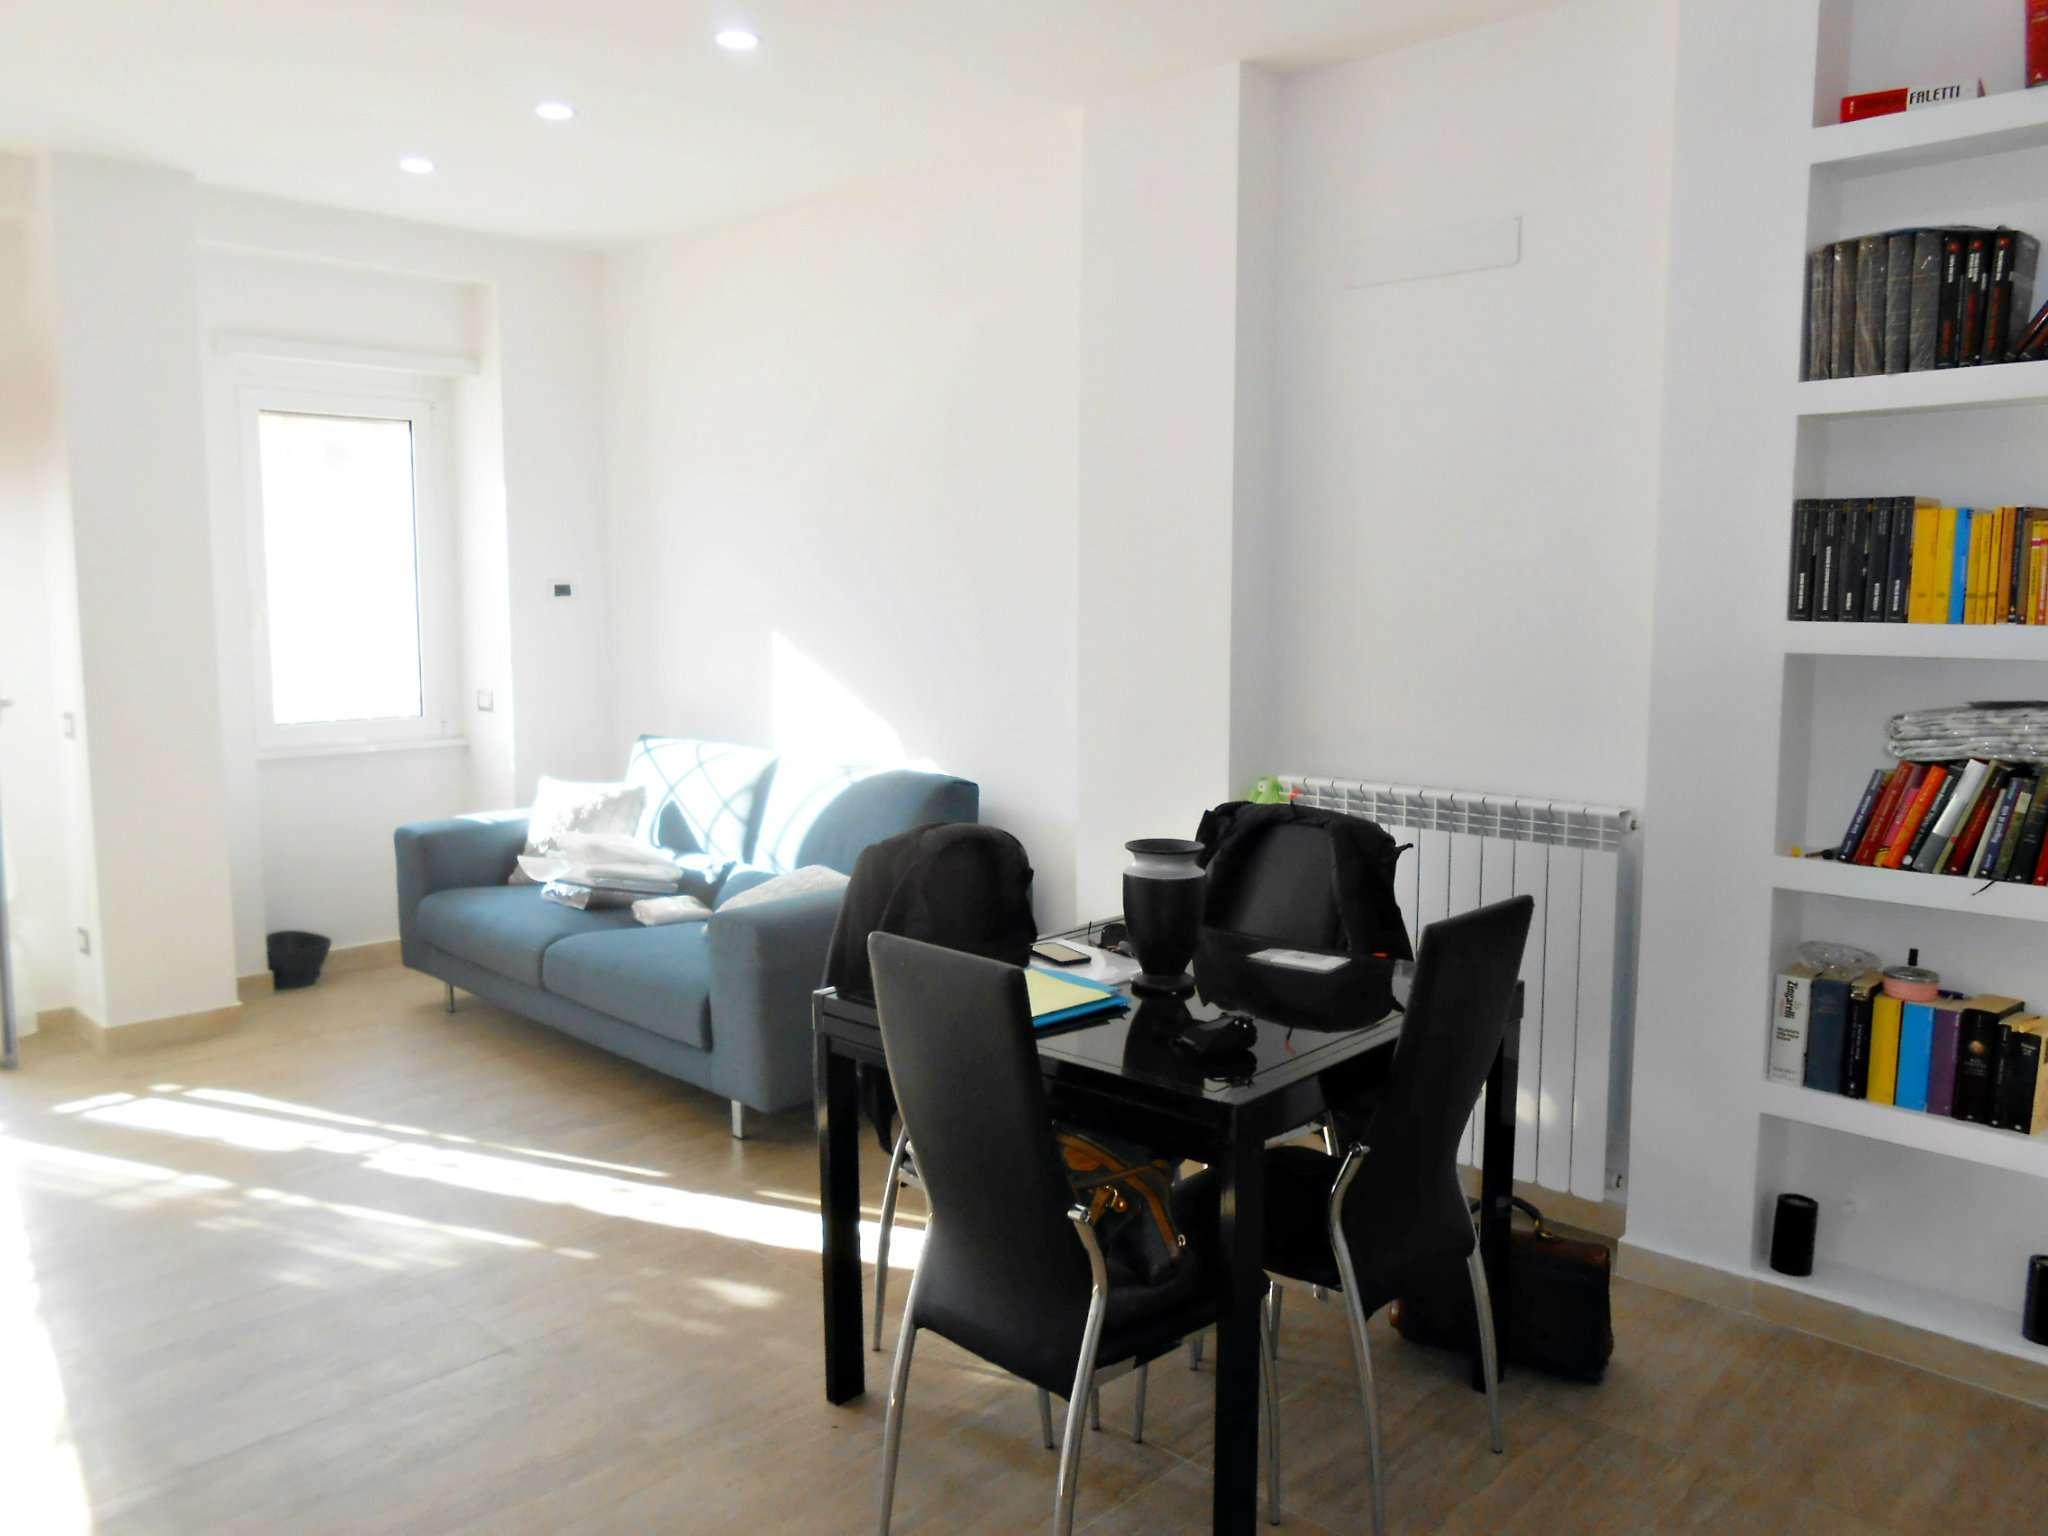 Appartamento in vendita a Roma, 3 locali, zona Zona: 10 . Pigneto, Largo Preneste, prezzo € 230.000 | CambioCasa.it